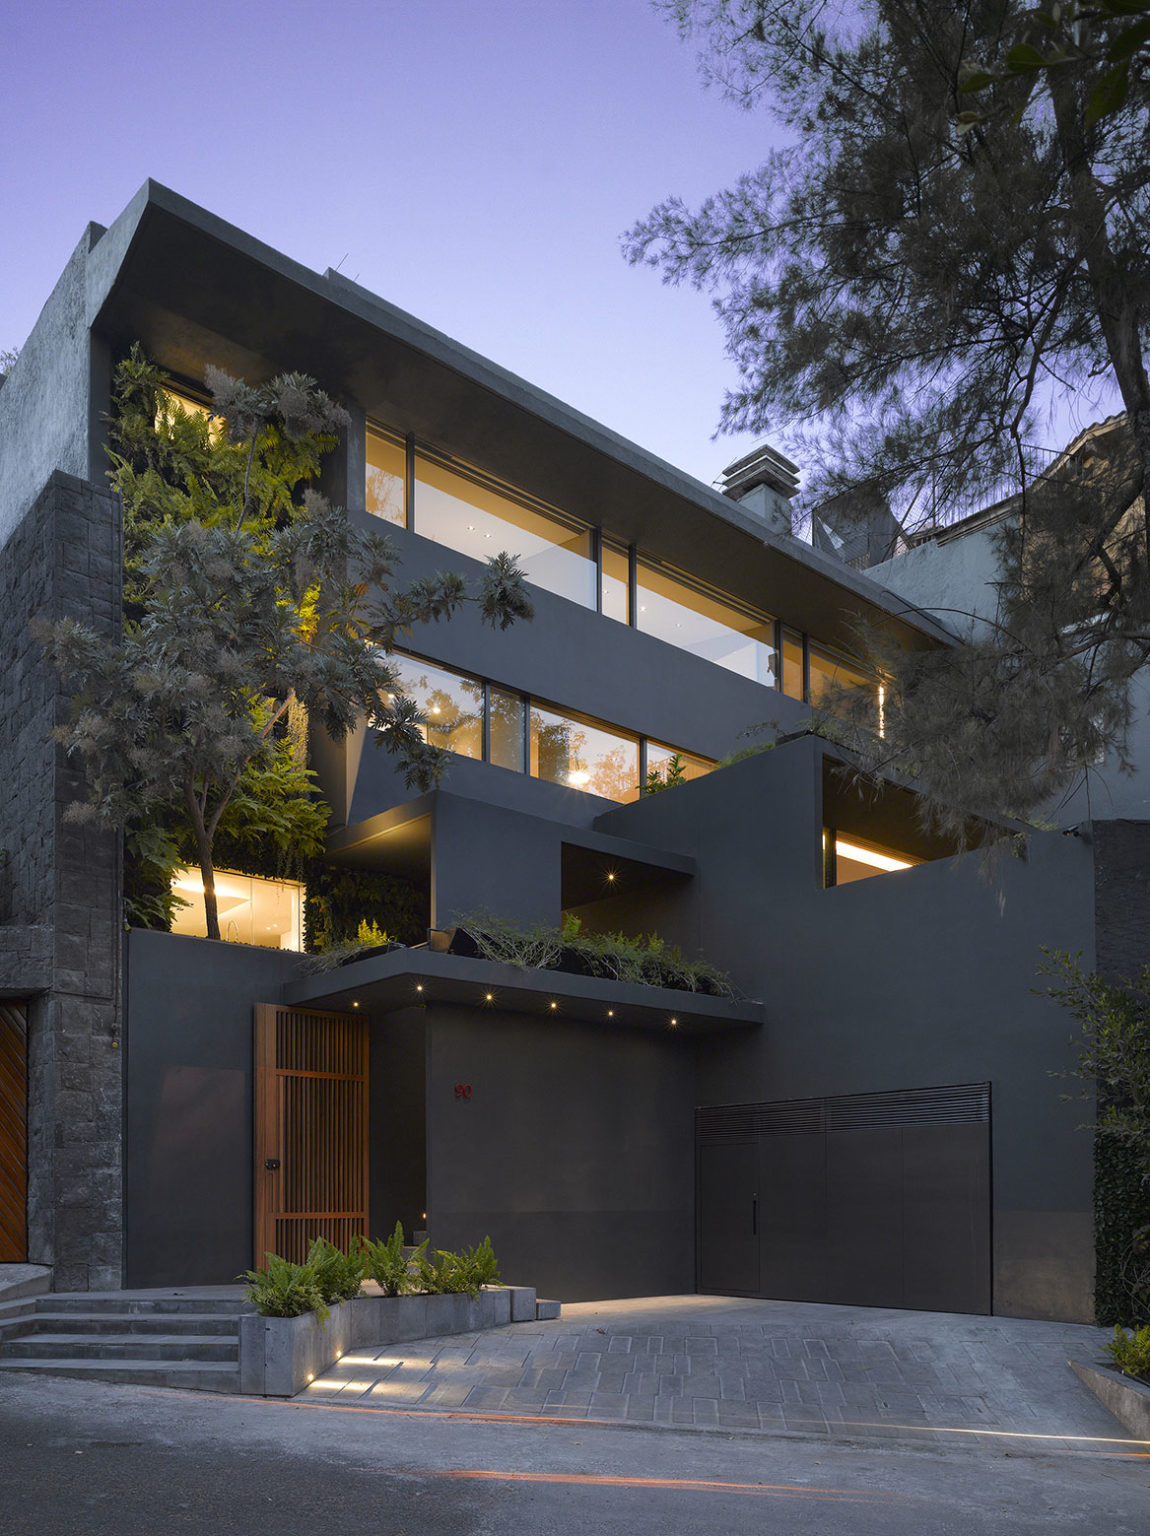 Barrancas House by EZEQUIELFARCA arquitectura y diseño (23)